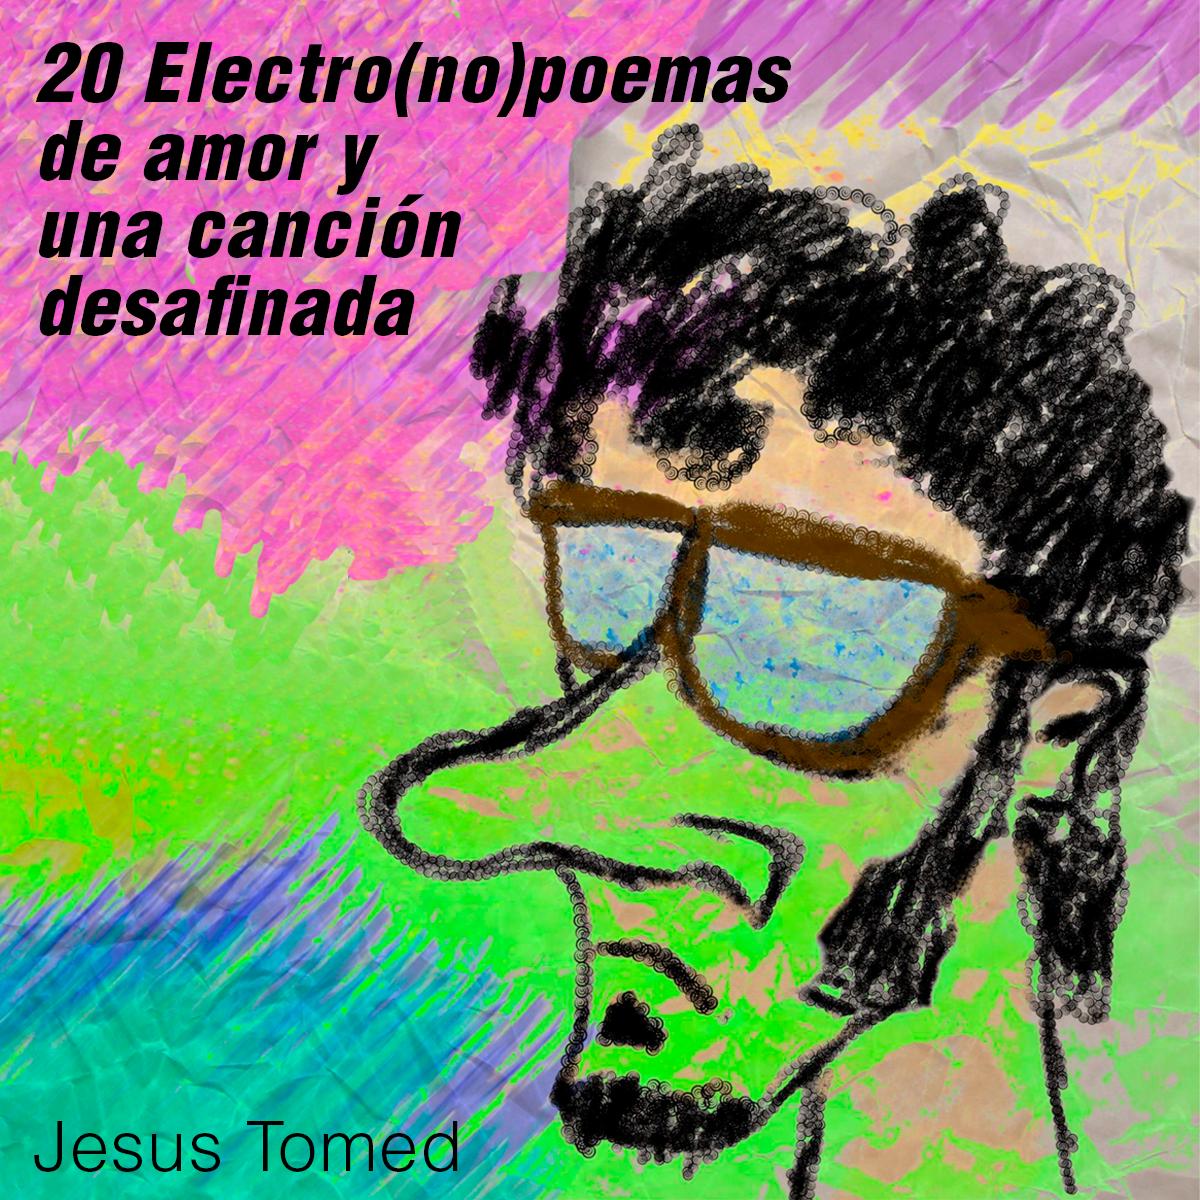 20-electronopoemas-de-amor-y-una-canción-desafinada-2